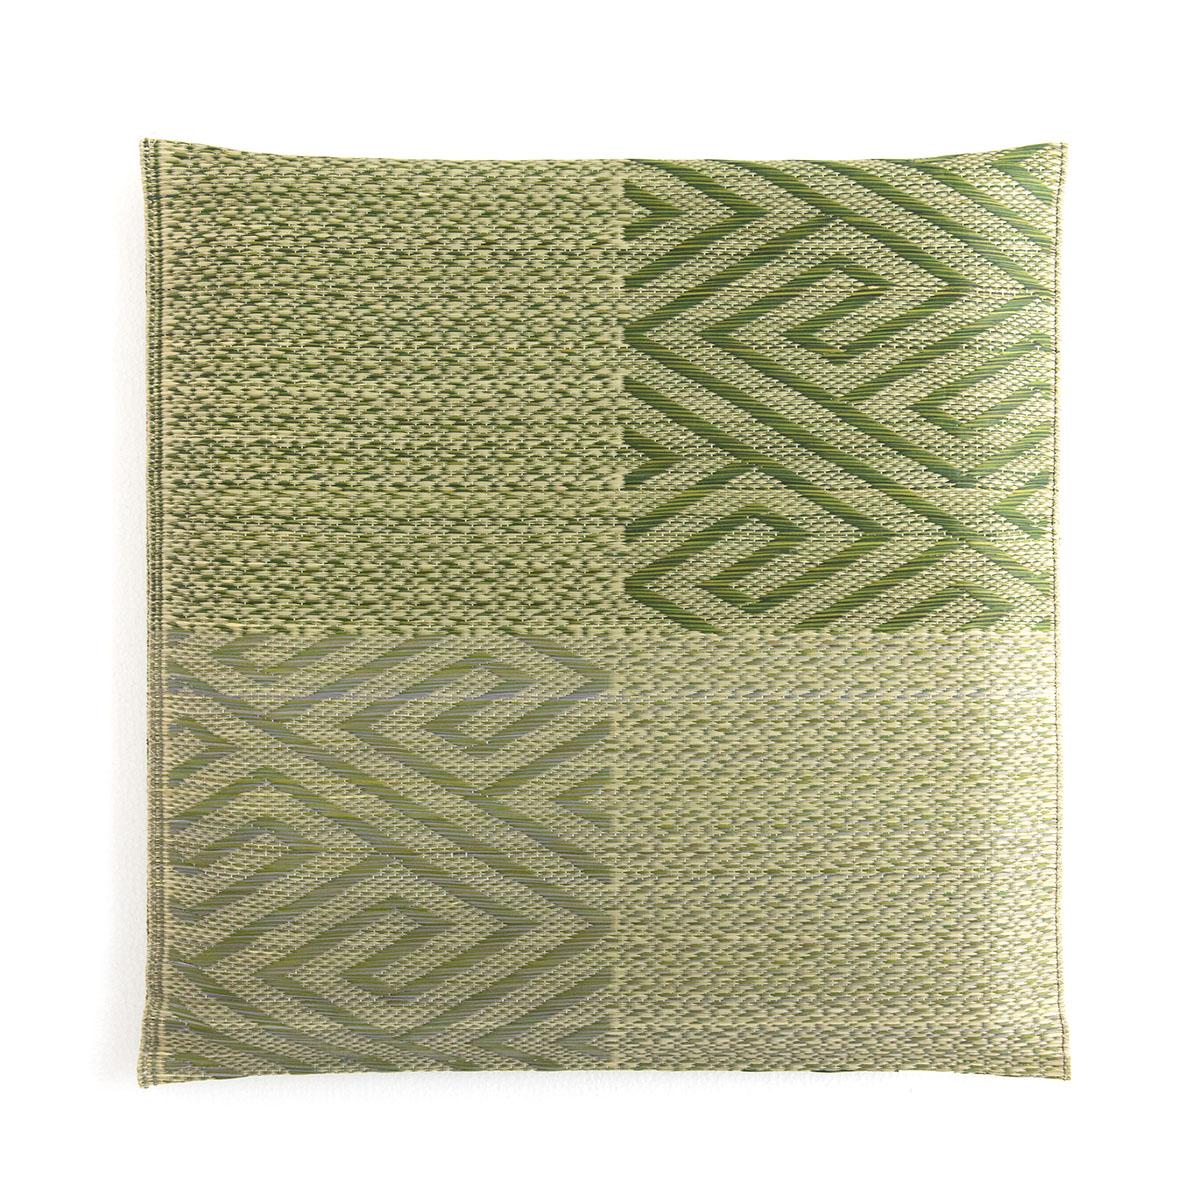 座布団 い草 座布団 日本製 「 五風 」 約55×55cm カラー:ブラウン、グリーン 日本製 捺染返し い草 自然素材 ざぶとん ザブトン 夏 和座布団 来客用